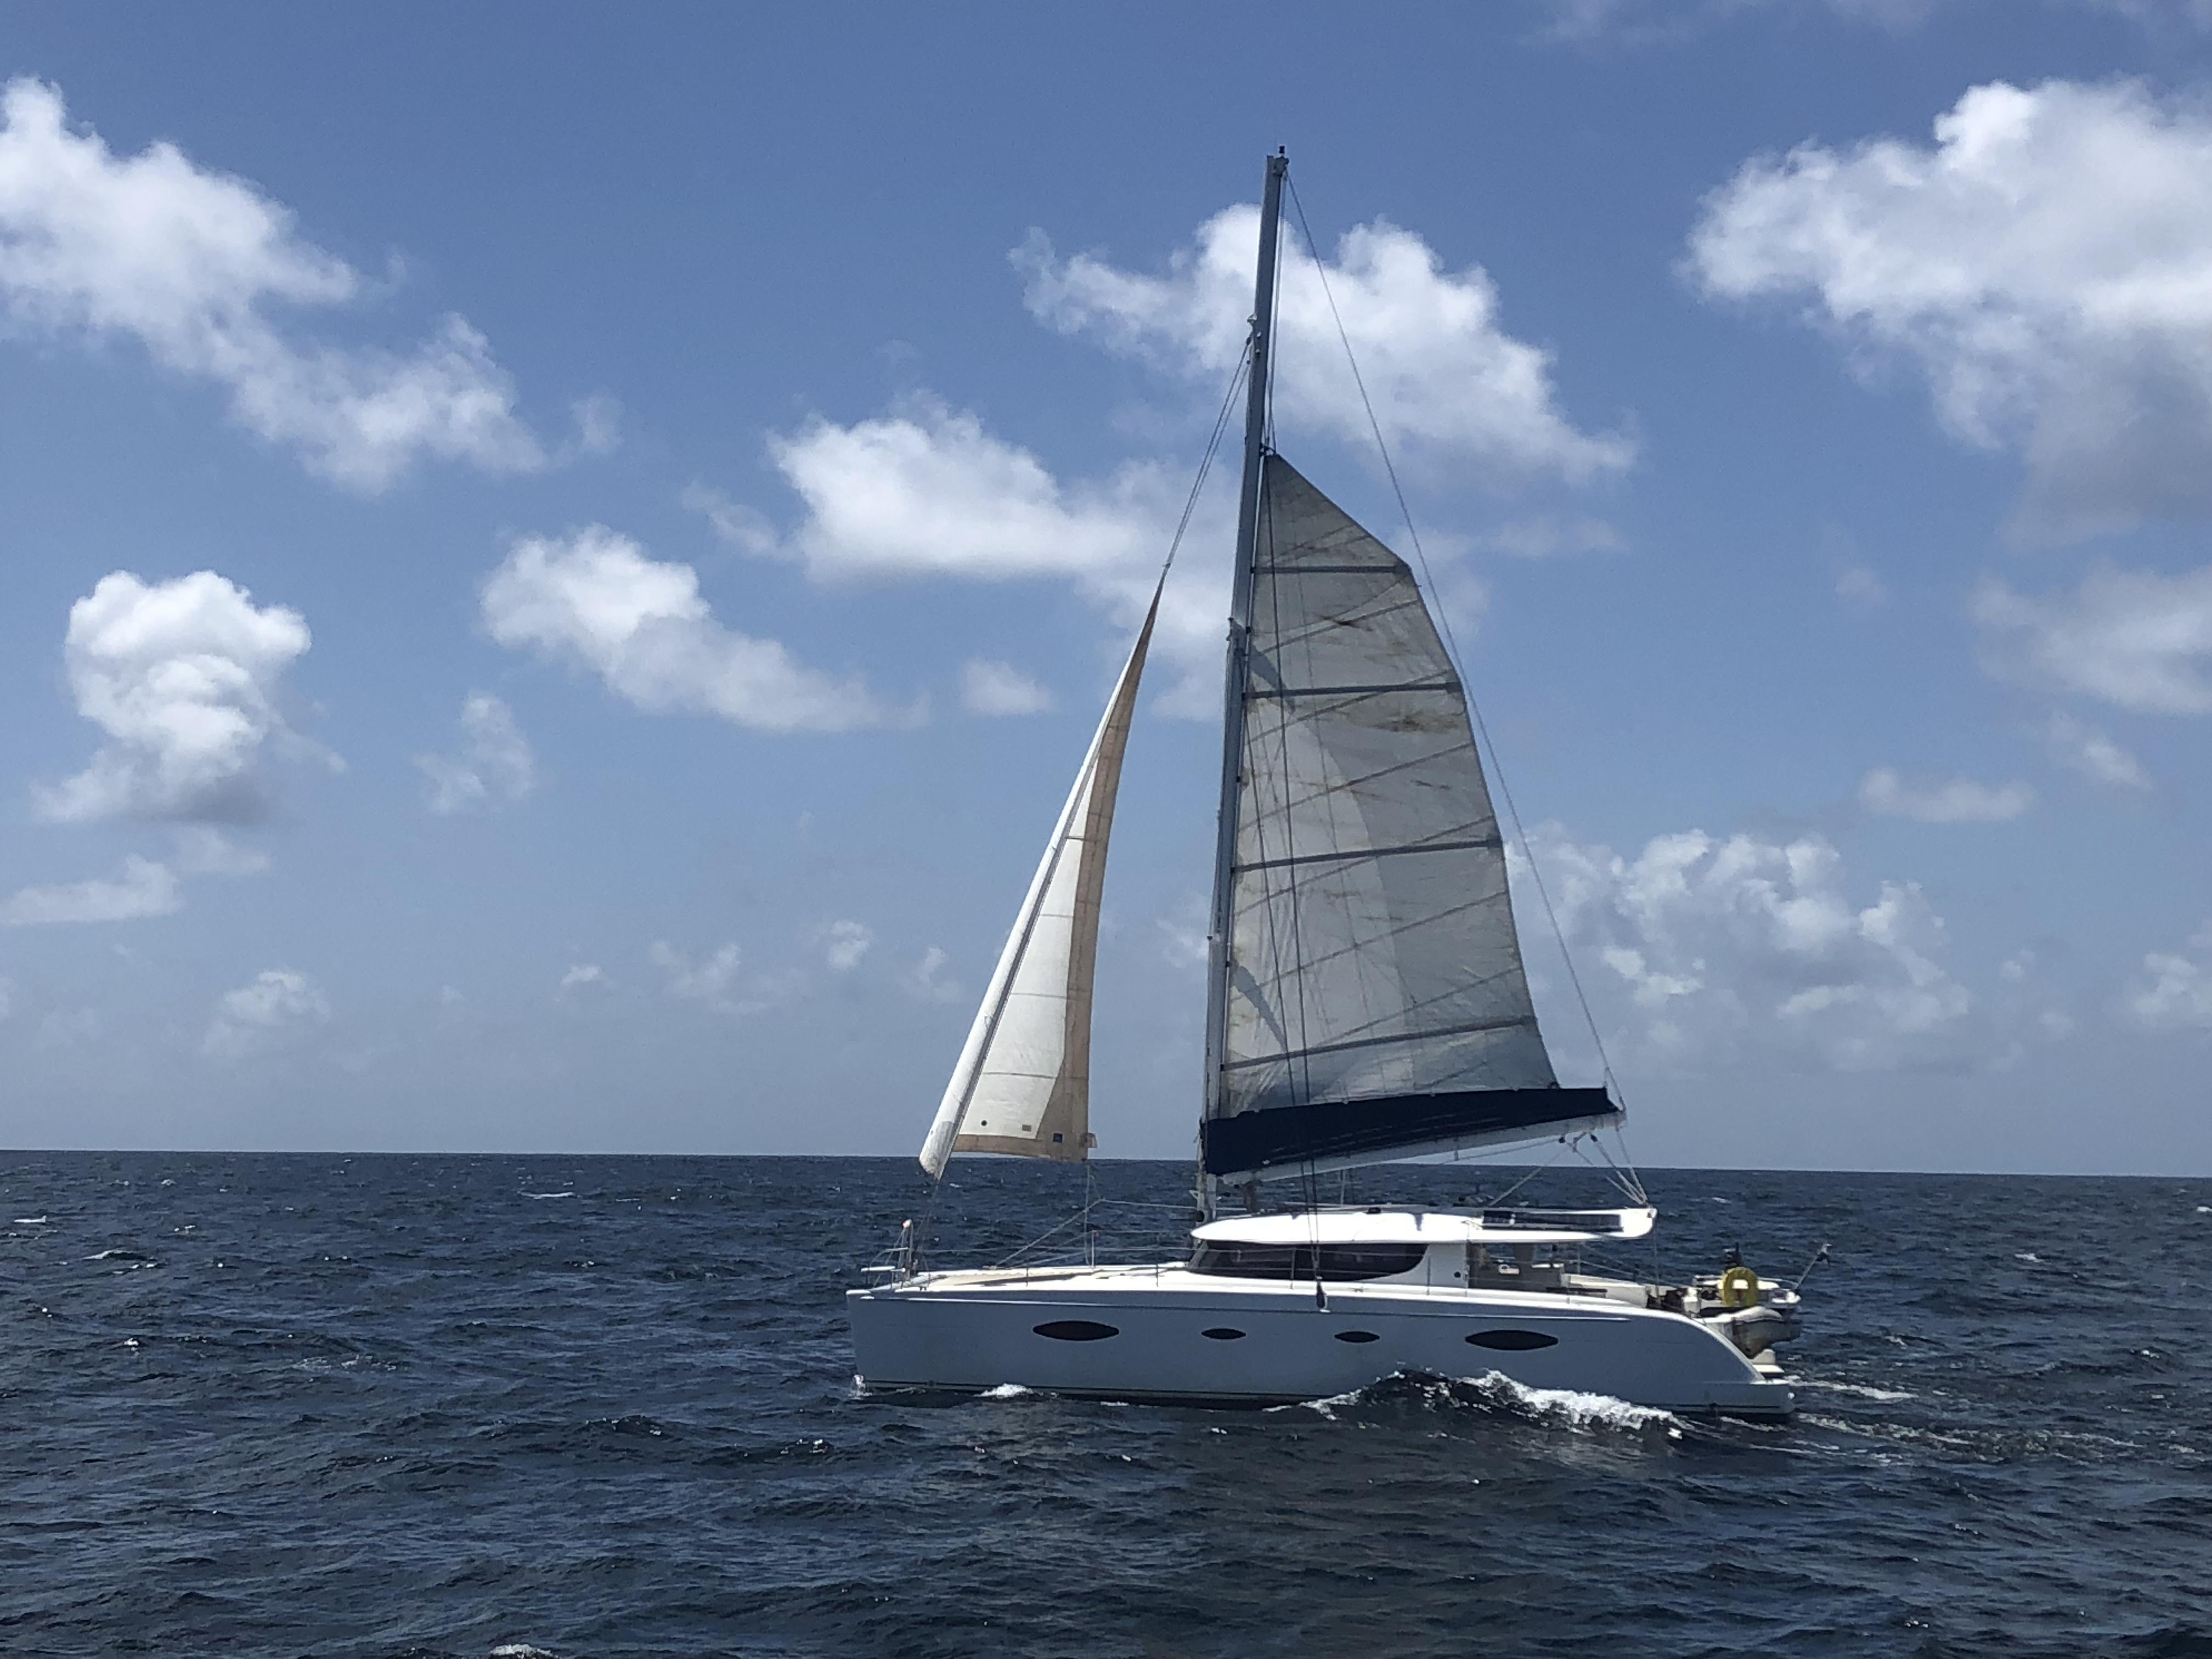 Panama, San Blas Islands. Catamaran Fountaine Pajot Salina 48